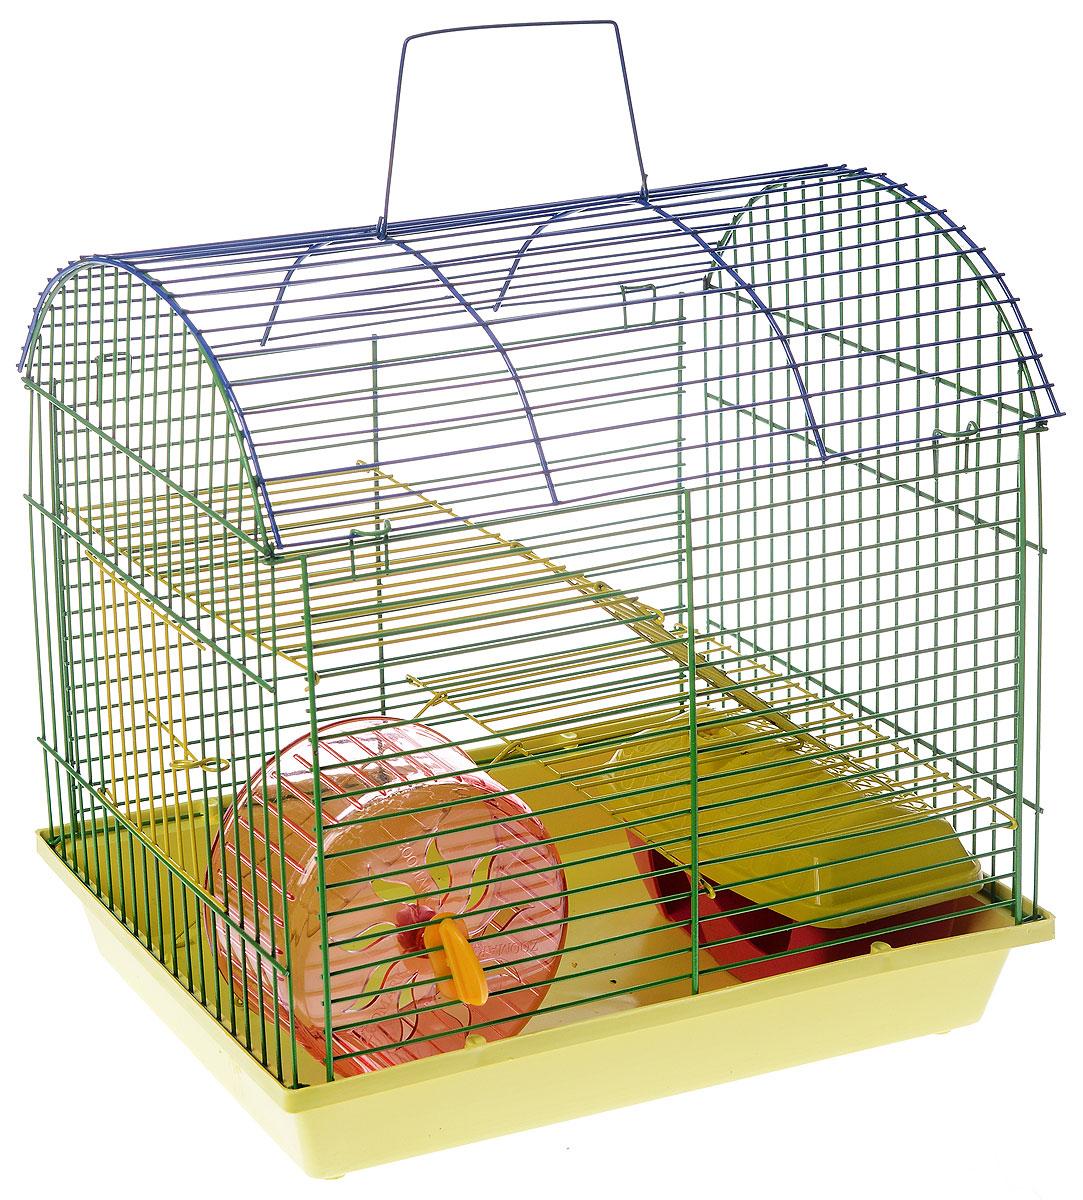 Клетка для грызунов ЗооМарк, 2-этажная, цвет: желтый поддон, зеленая решетка, желтый этаж, 37 х 23 х 35 см112жк_желтый, зеленыйКлетка ЗооМарк, выполненная из полипропилена и металла с эмалированным покрытием, подходит для мелких грызунов. Изделие двухэтажное, оборудовано колесом для подвижных игр и пластиковым домиком. Клетка имеет яркий поддон, удобна в использовании и легко чистится. Сверху имеется ручка для переноски. Такая клетка станет личным пространством и уютным домиком для маленького грызуна. Комплектация: - клетка с поддоном; - колесо; - домик.